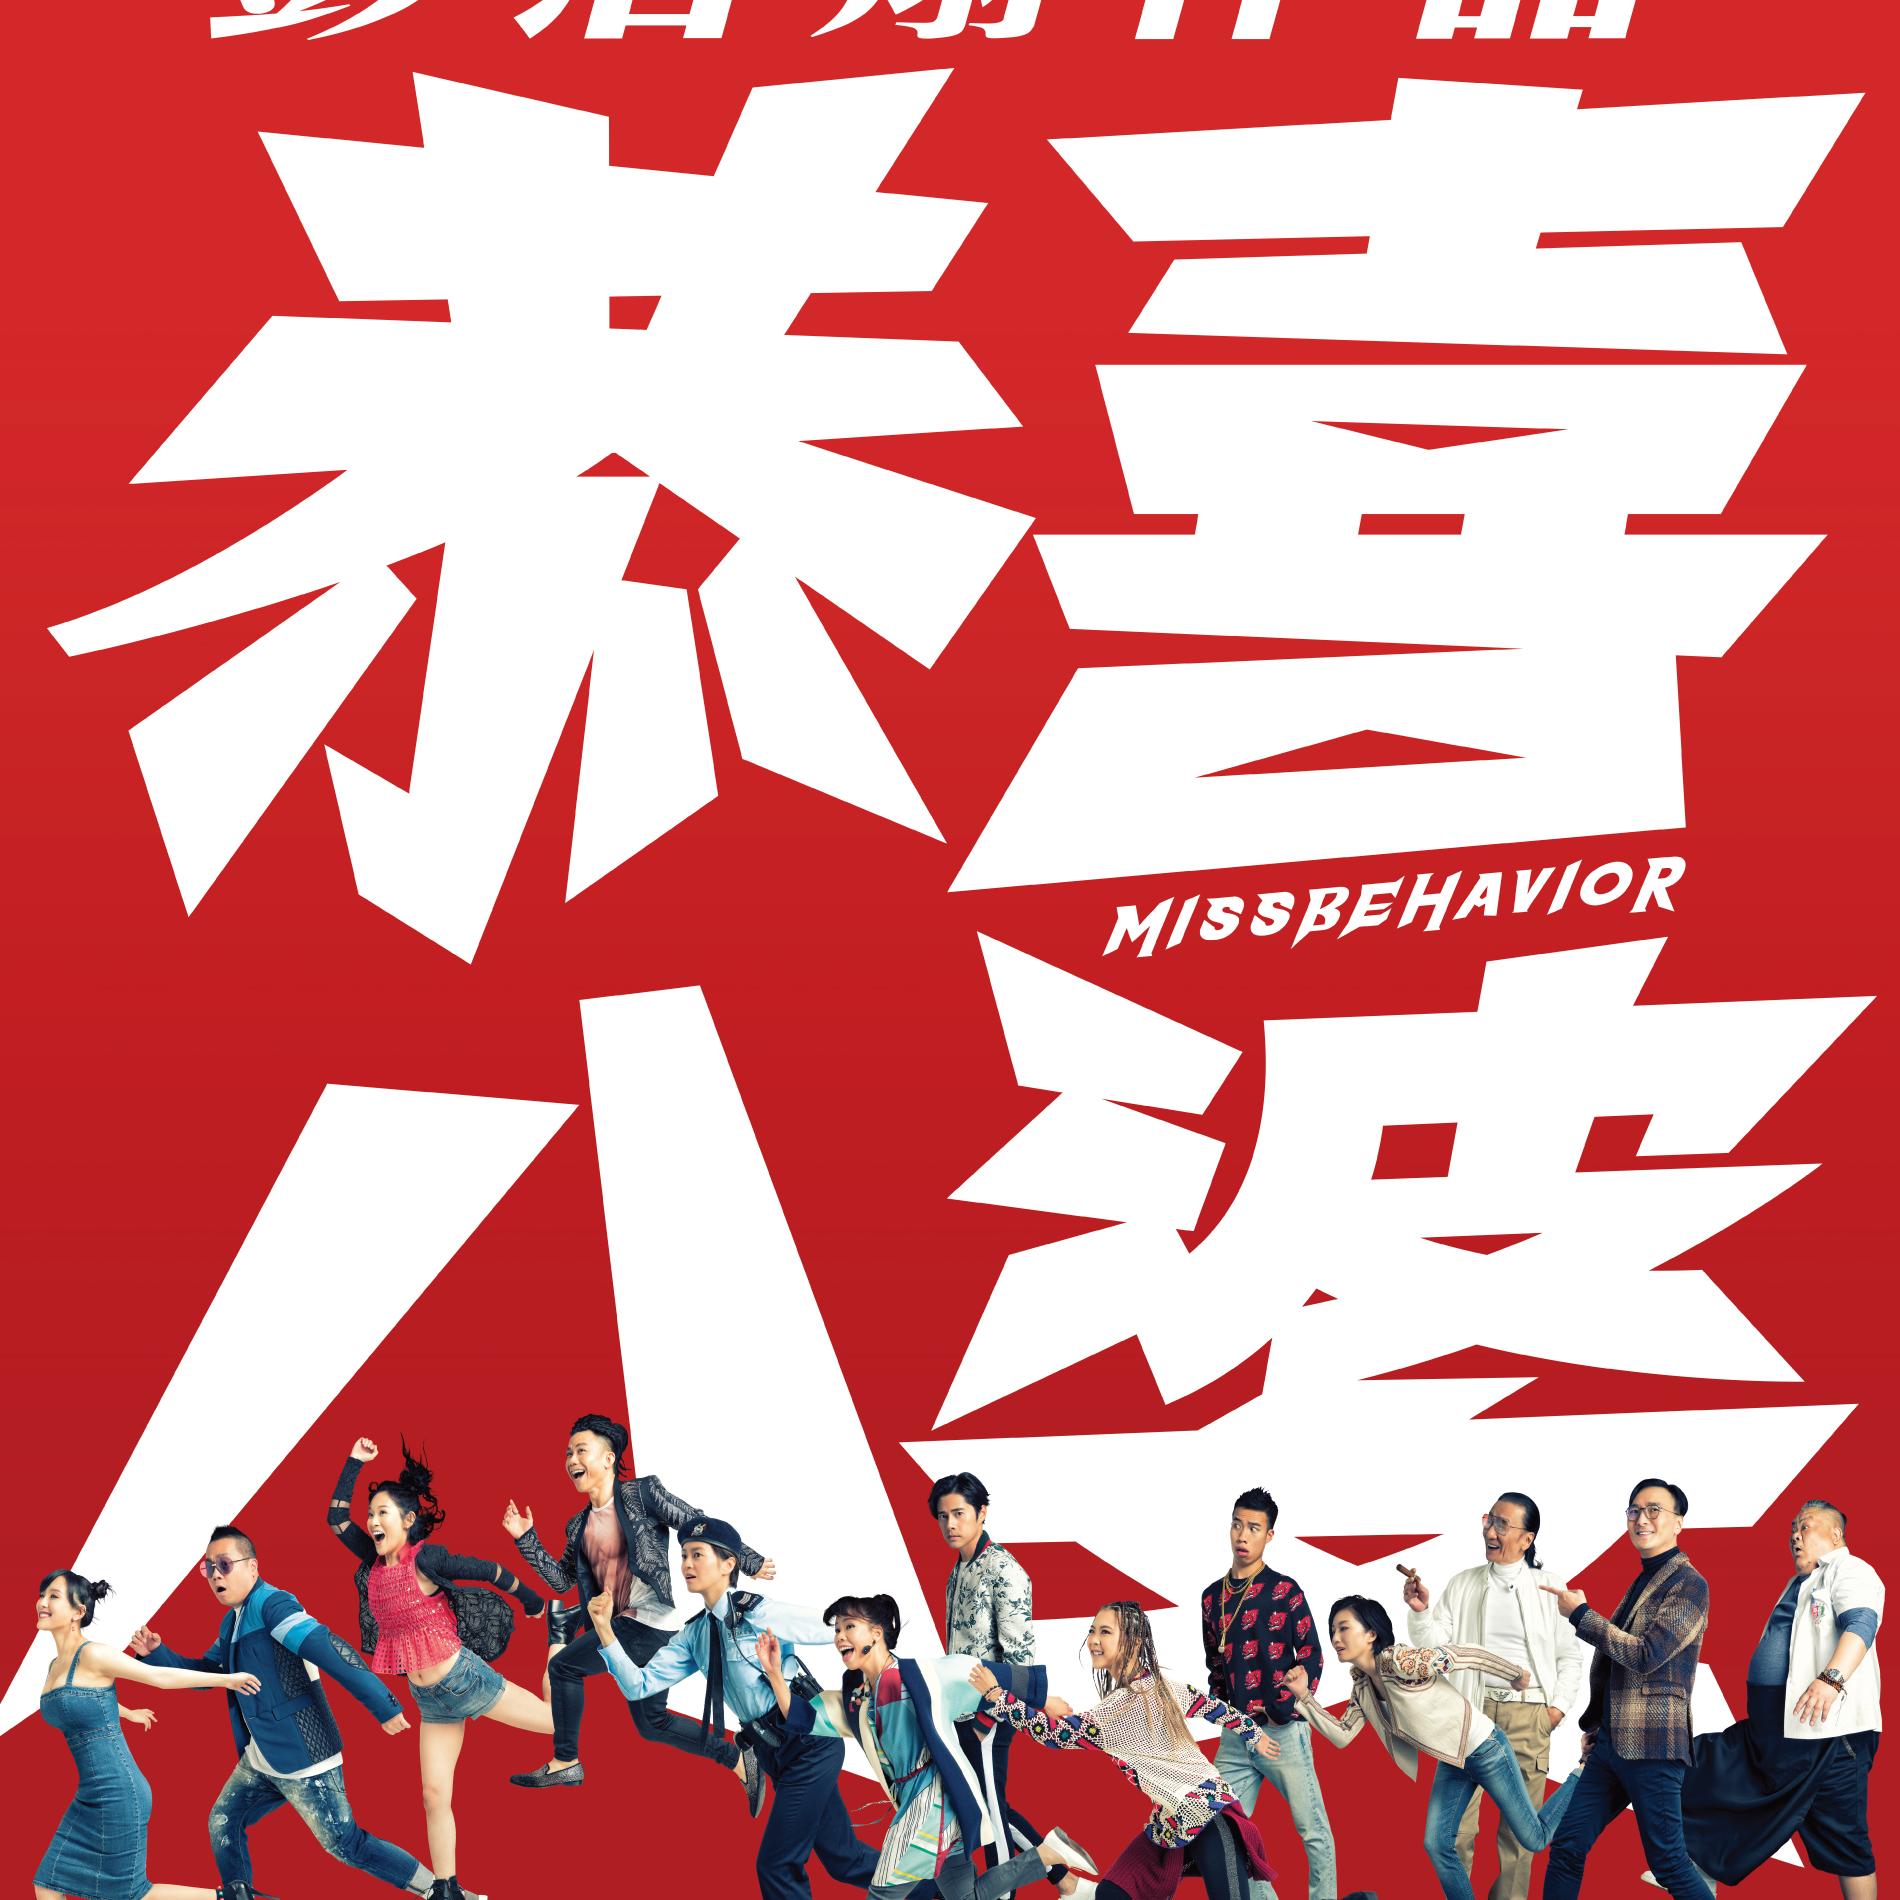 <p>元宵爆笑電影《恭喜八婆》 香港連續五天票房冠軍 電影話題貼近生活</p>